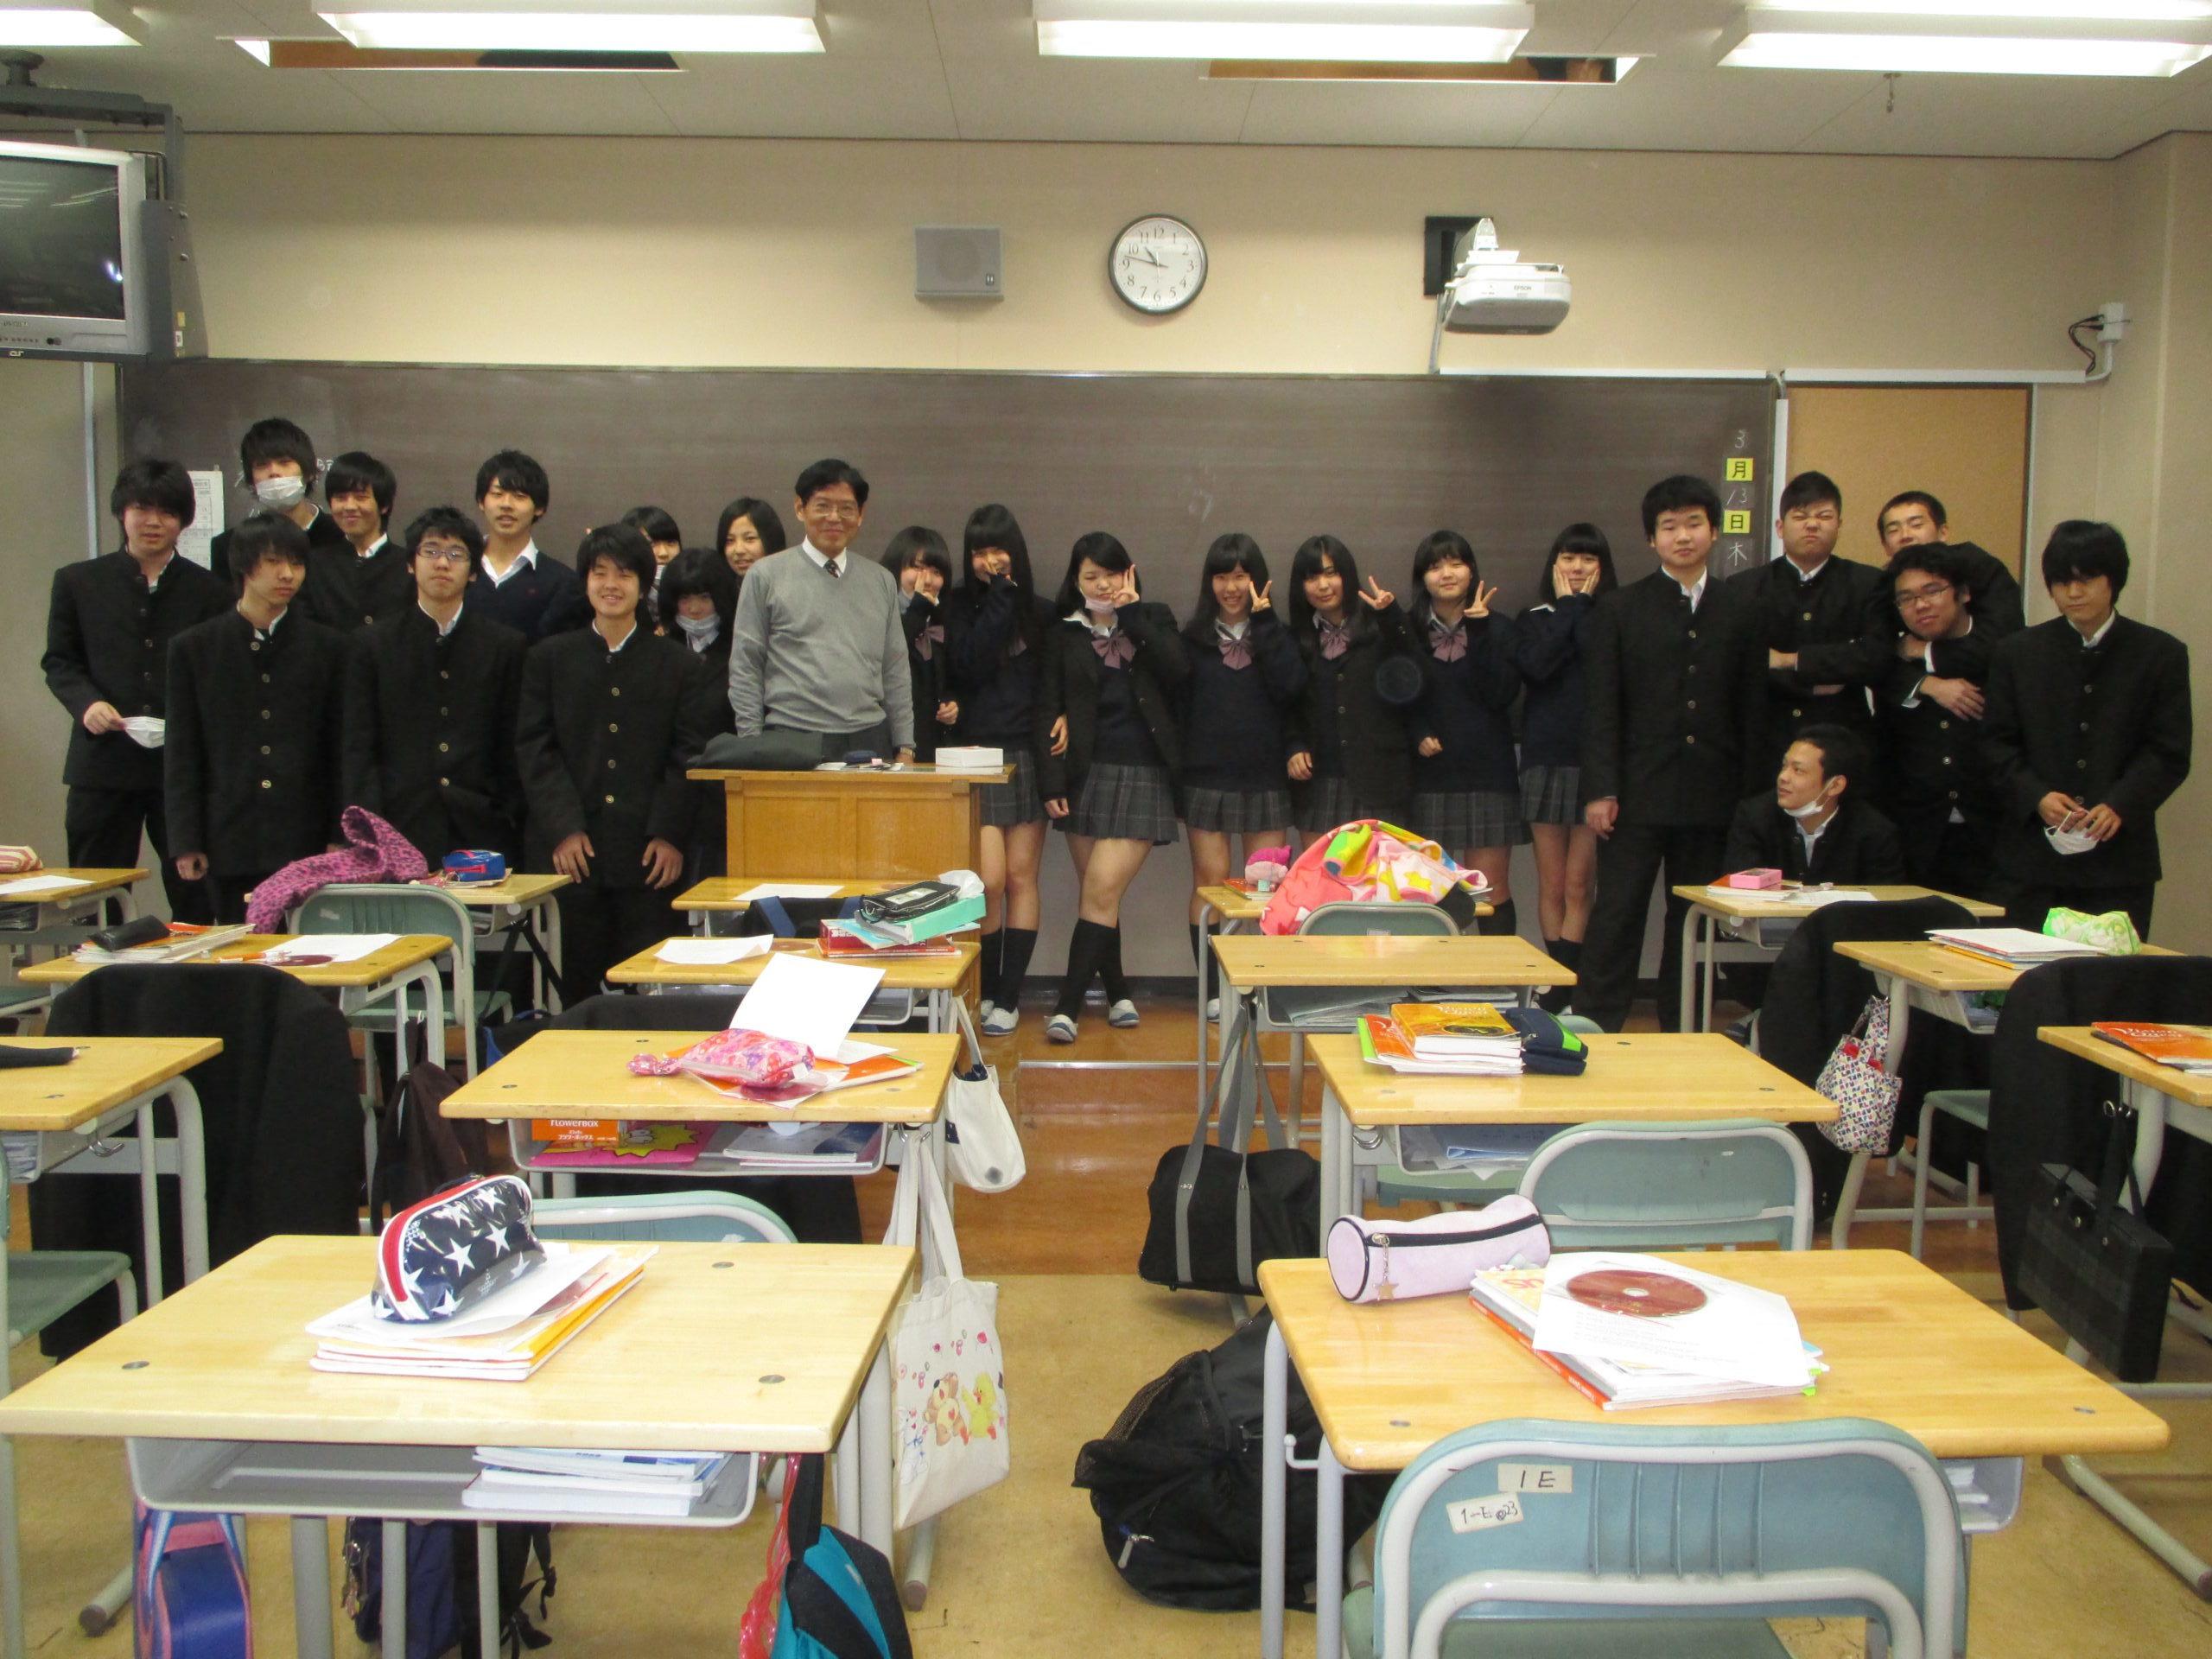 高校や大学受験の英語対策、通訳案内士になるための個人スクール塾